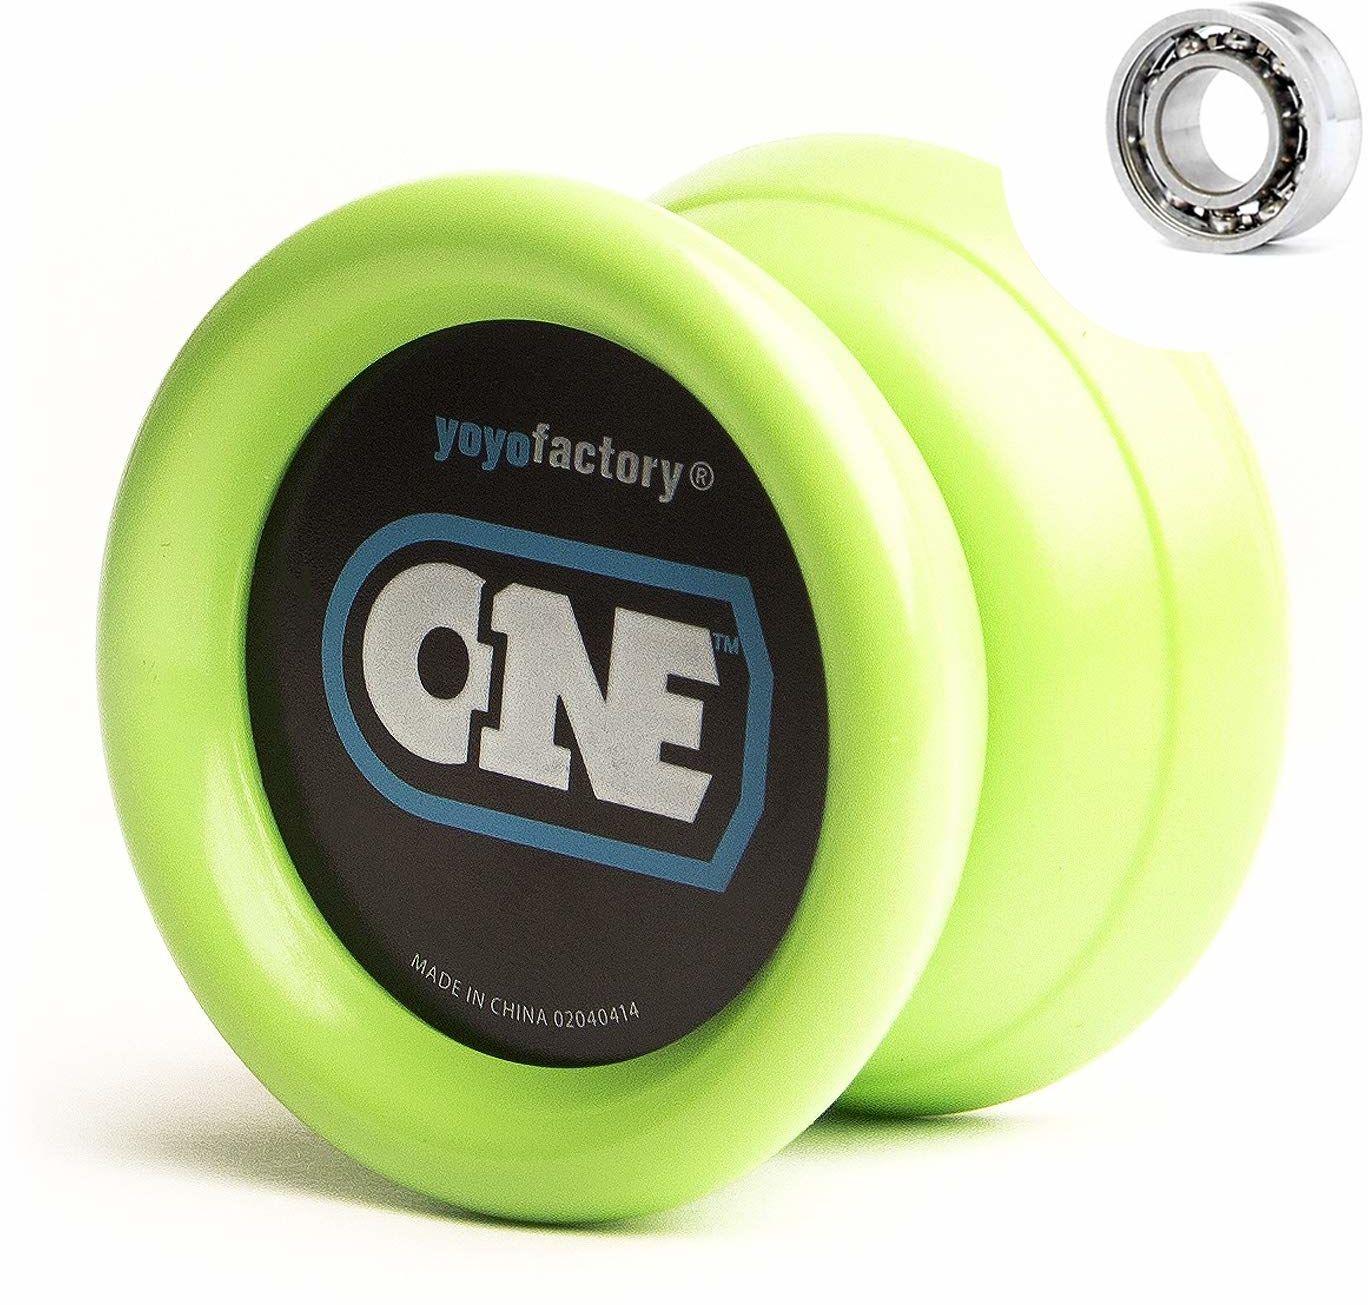 YoyoFactory ONE Yo-Yo - niebieski (nowoczesny jojo spinningowy, początkujący do profesjonalistów, w zestawie 2 łożyska kulkowe o różnych poziomach, w zestawie ze sznurkiem)